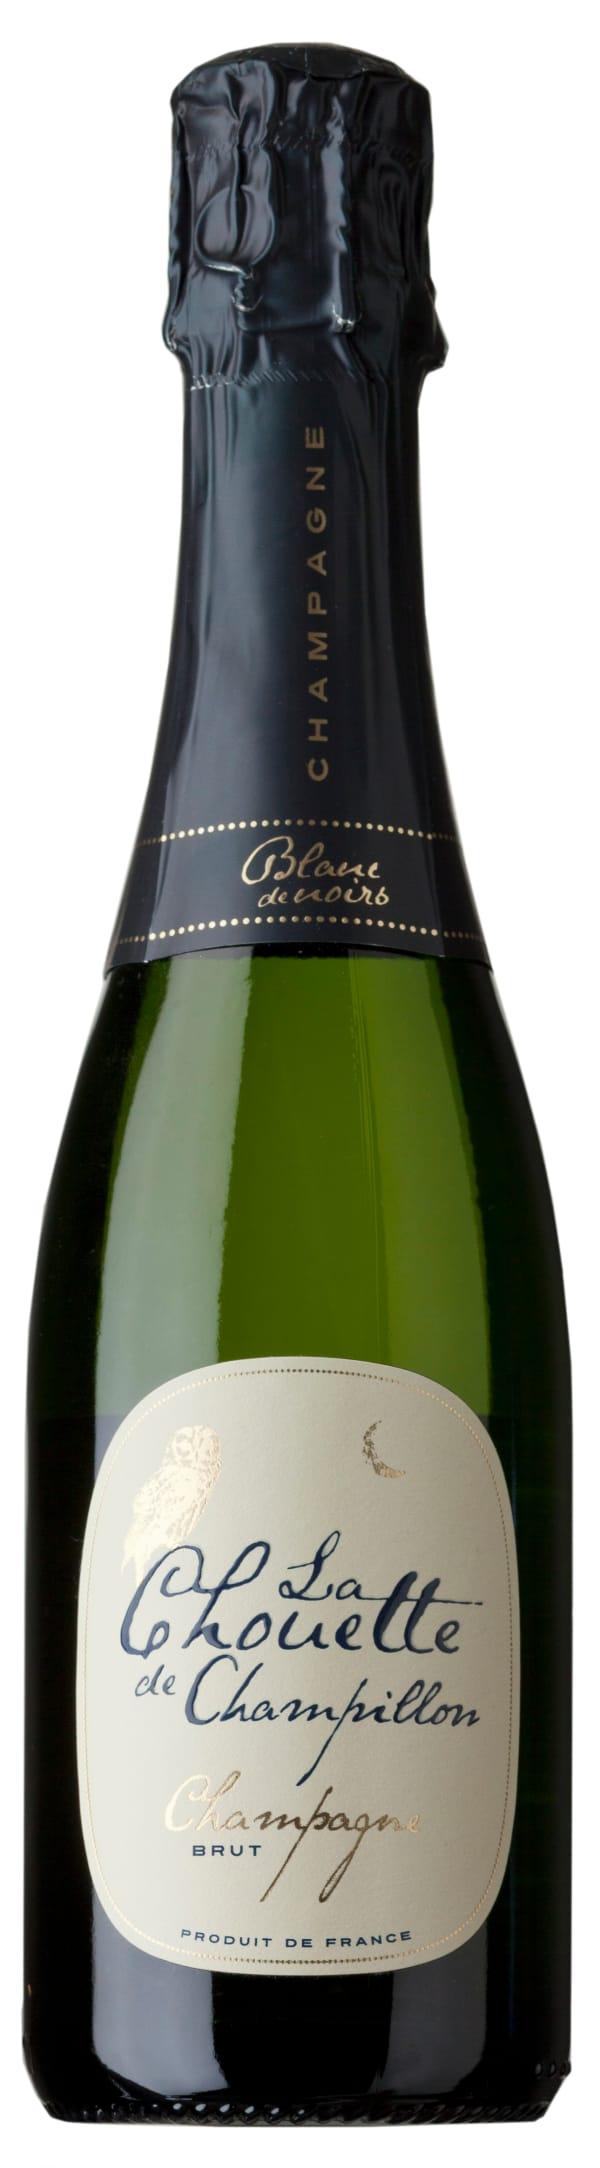 La Chouette de Champillon Champagne Brut Piccolo